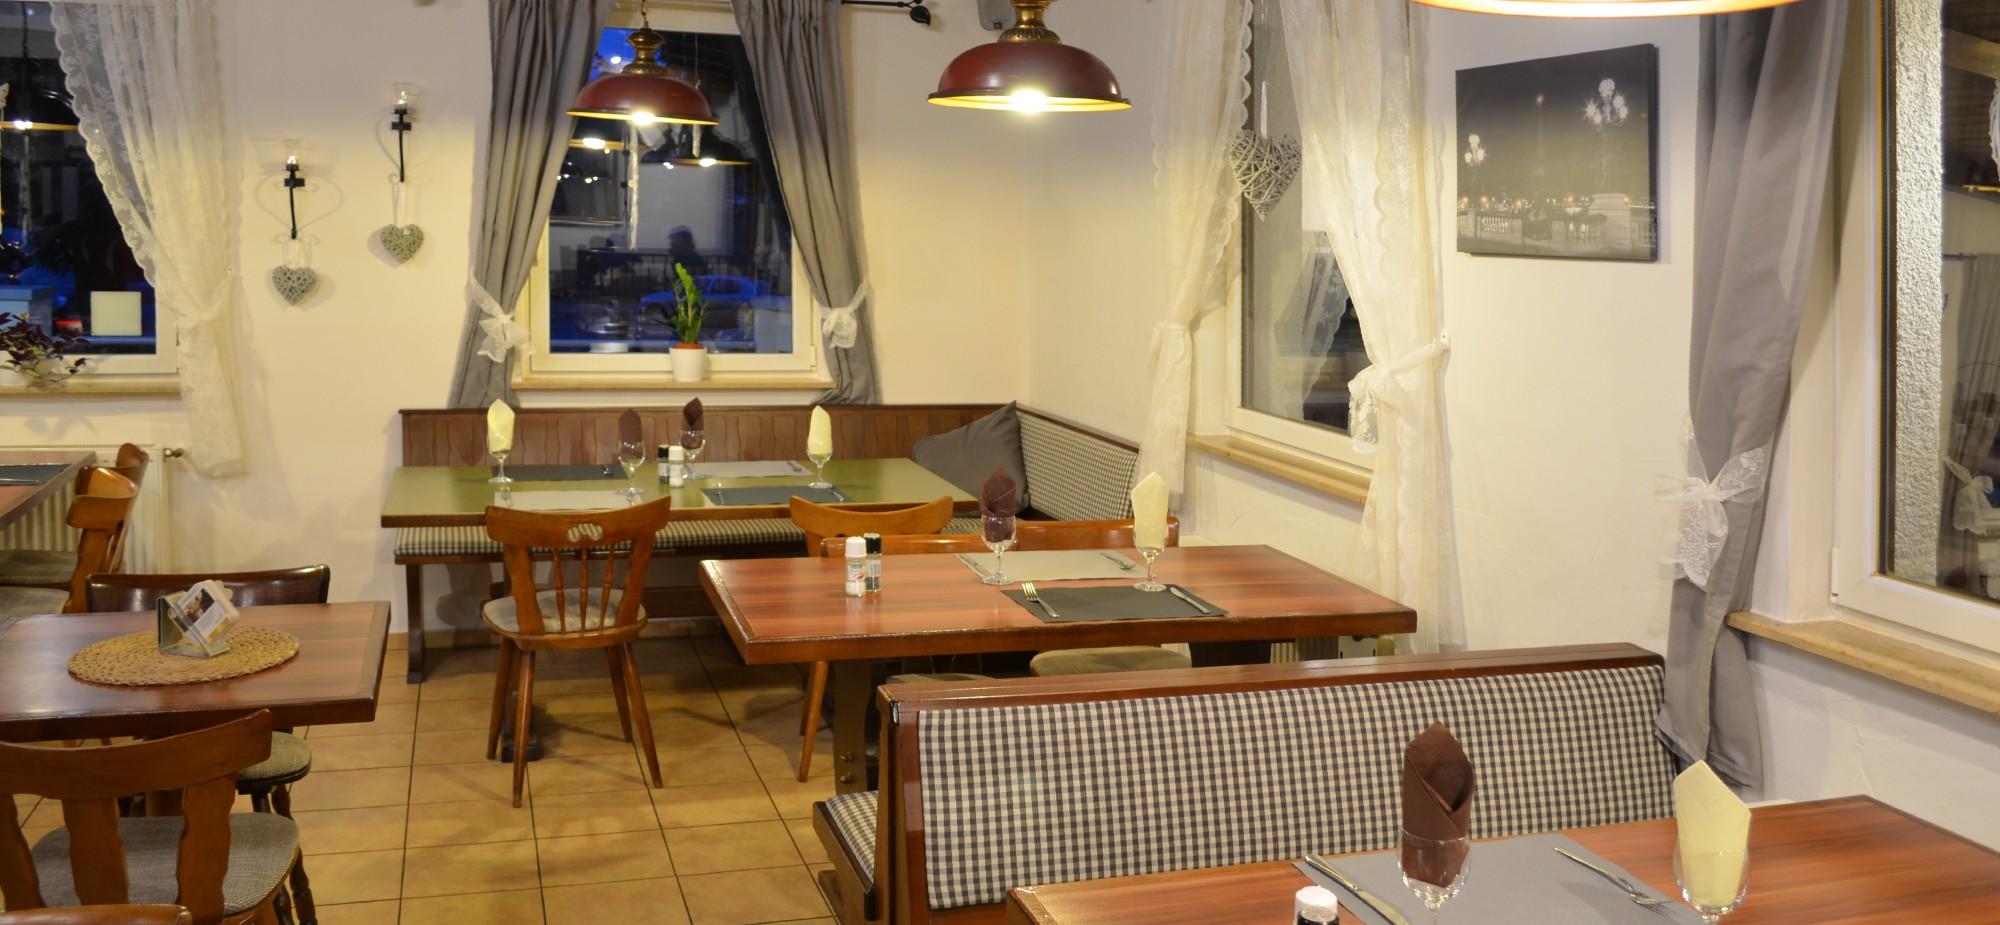 Restaurant-Schmuggelbud-Überherrn-Hauptraum-Bar-Kamin